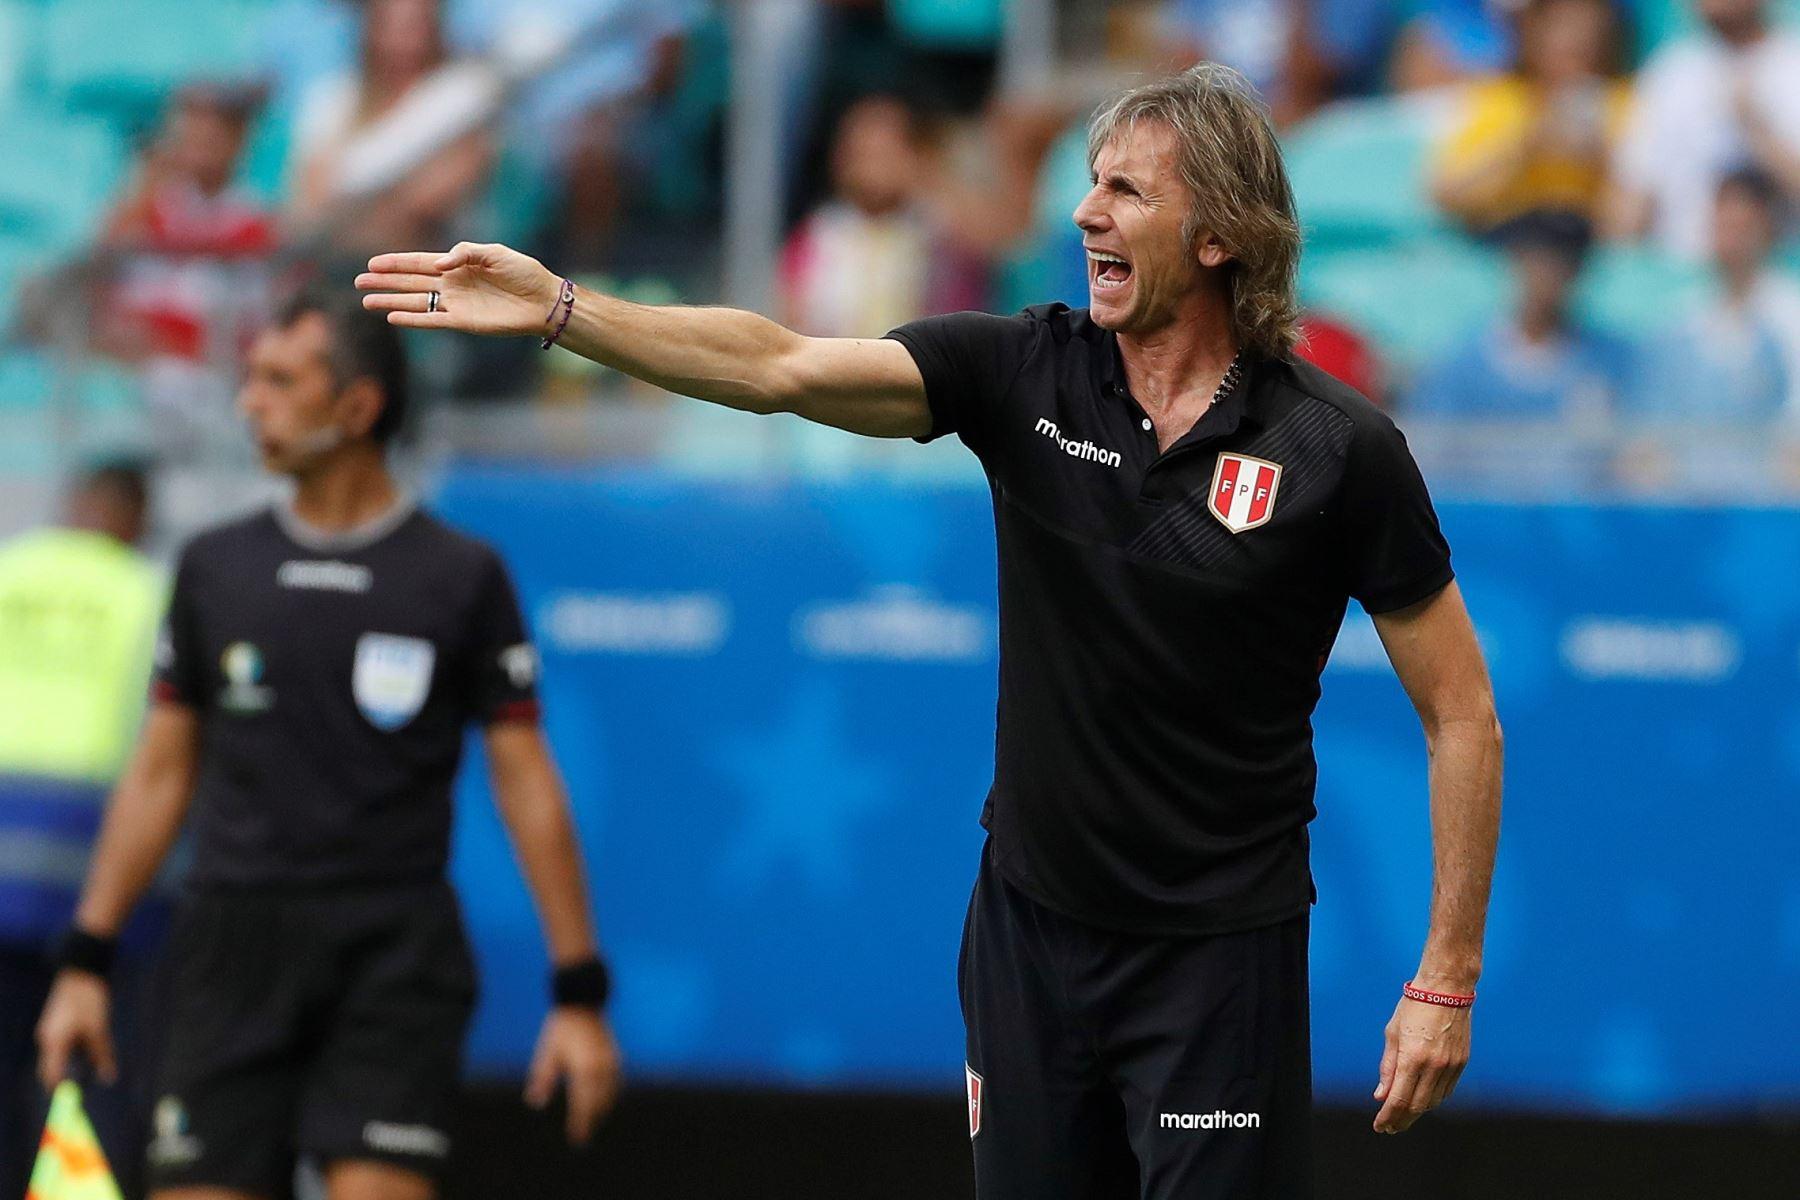 Ricardo Gareca cumple hoy 62 años, es el entrenador más querido de la selección peruana. Foto: EFE